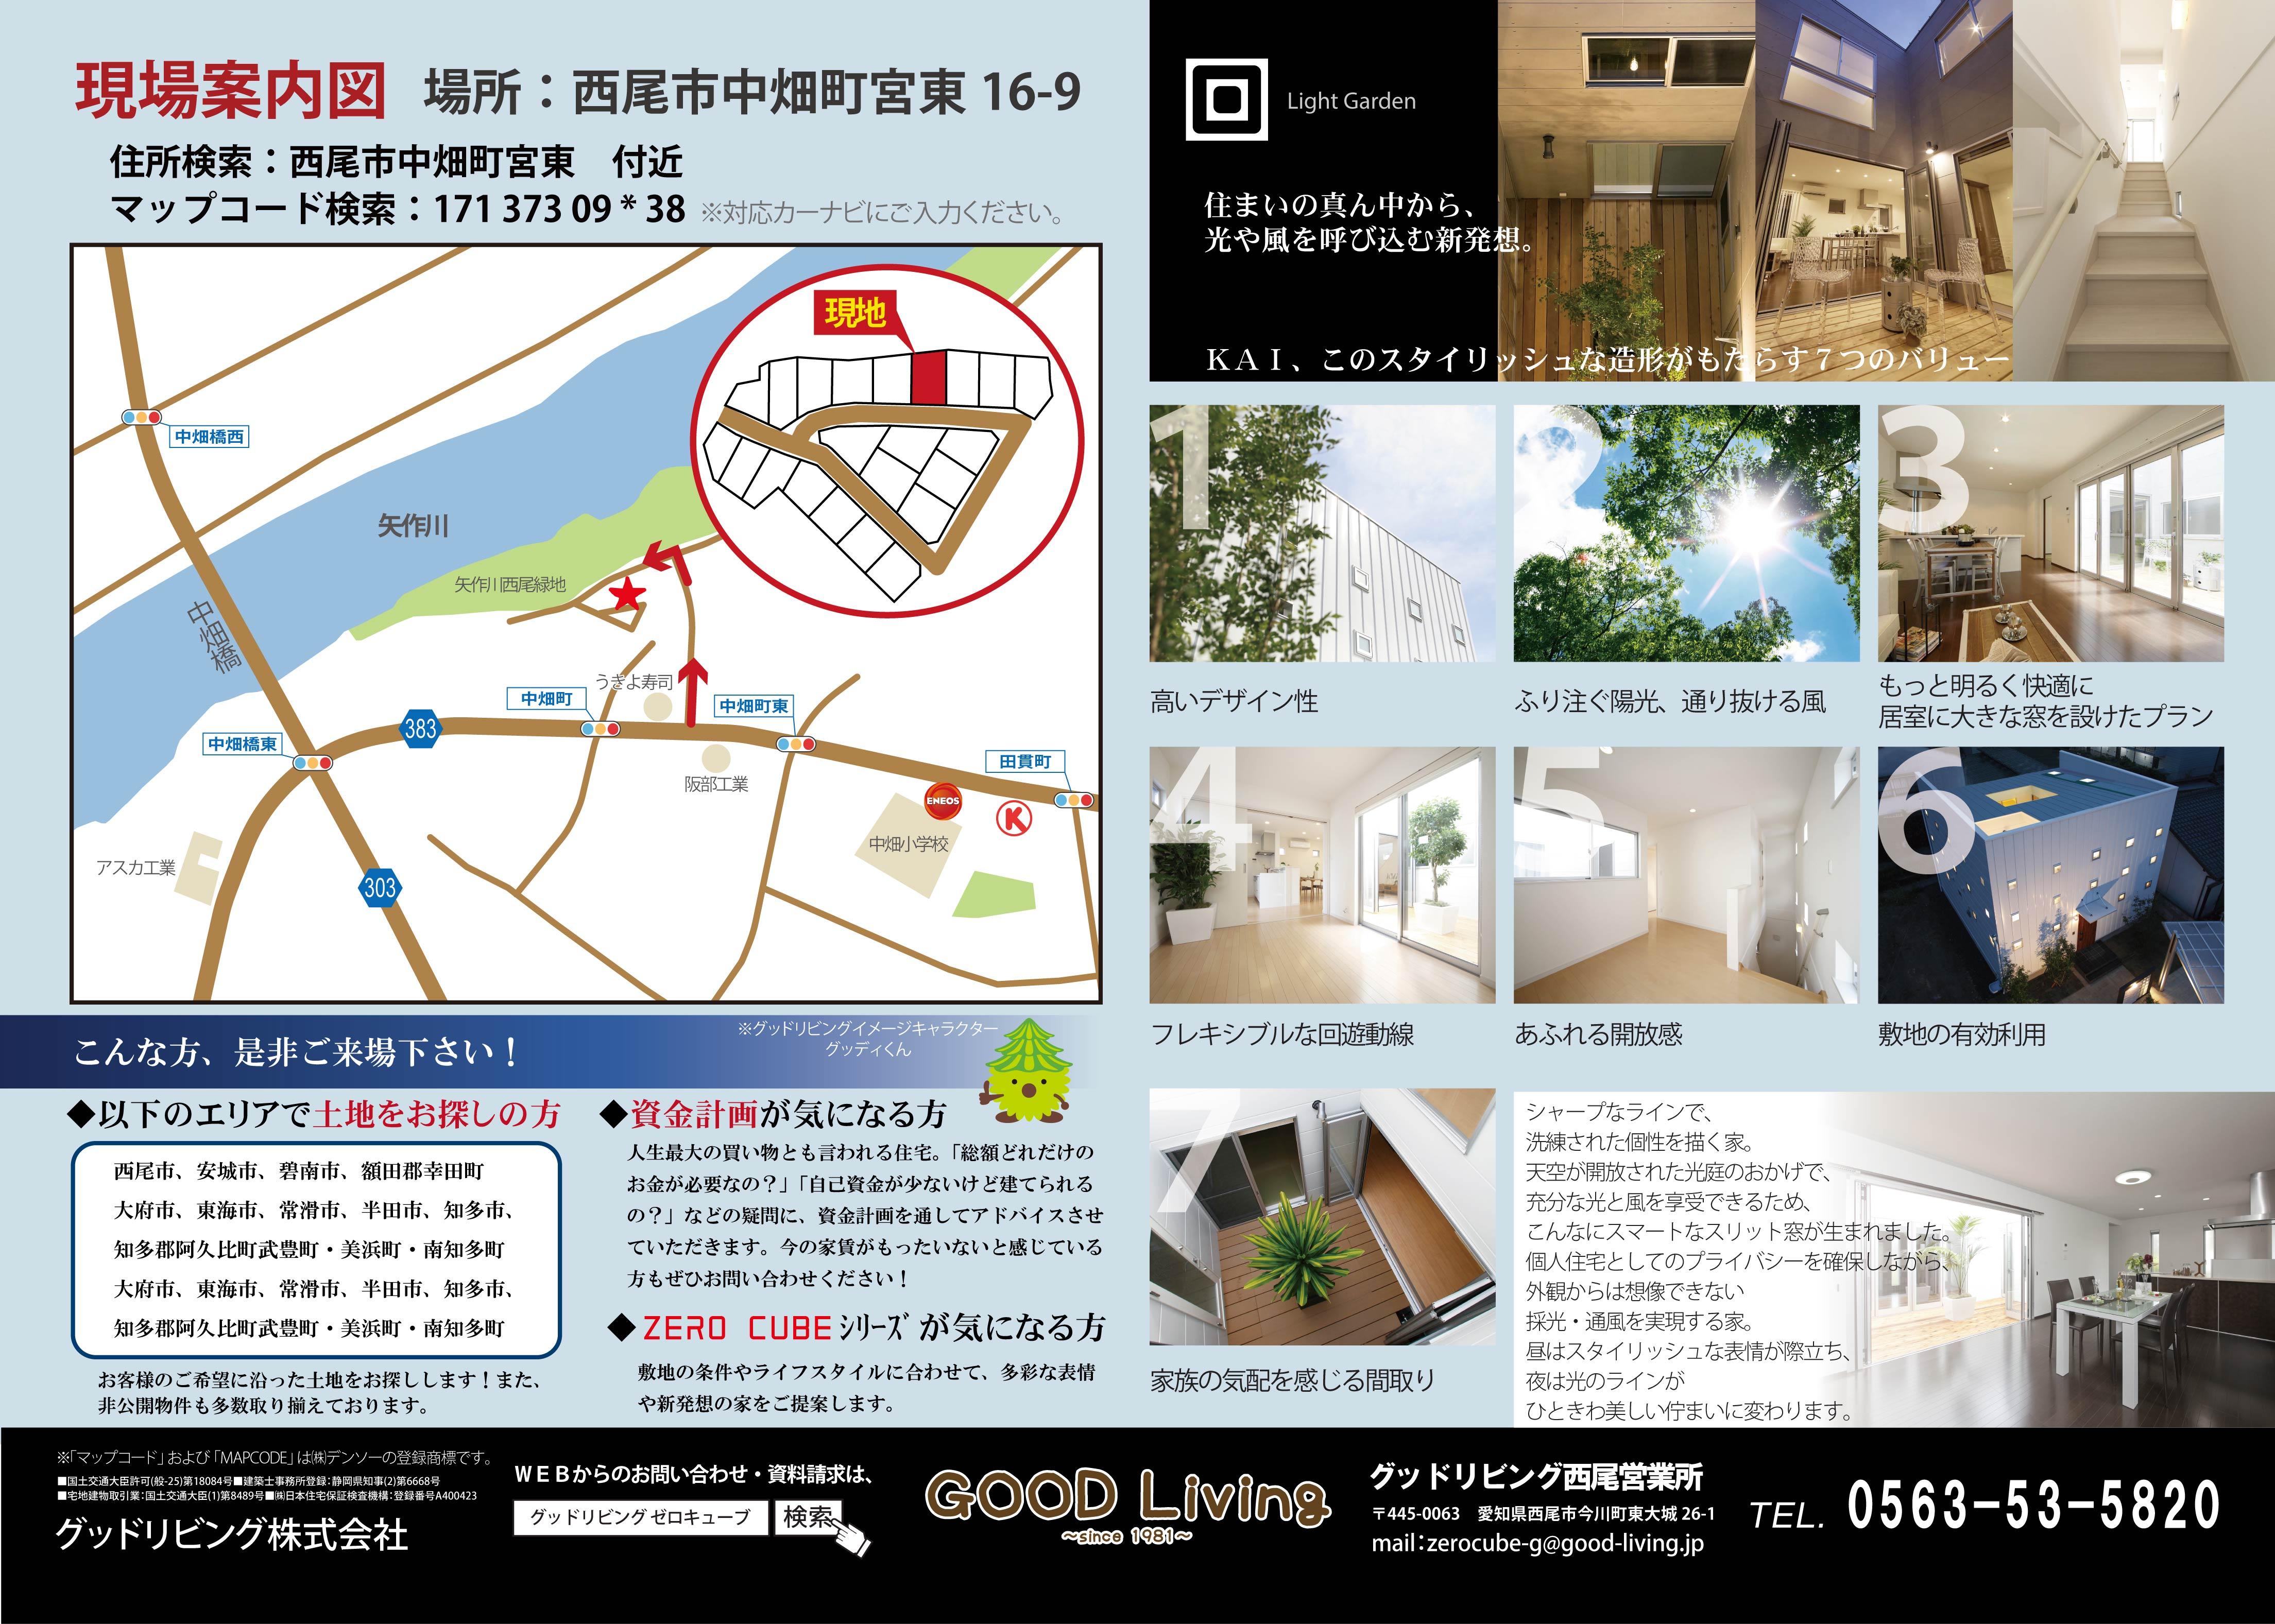 160422_ゼロキューブ回完成見学会-02.jpg